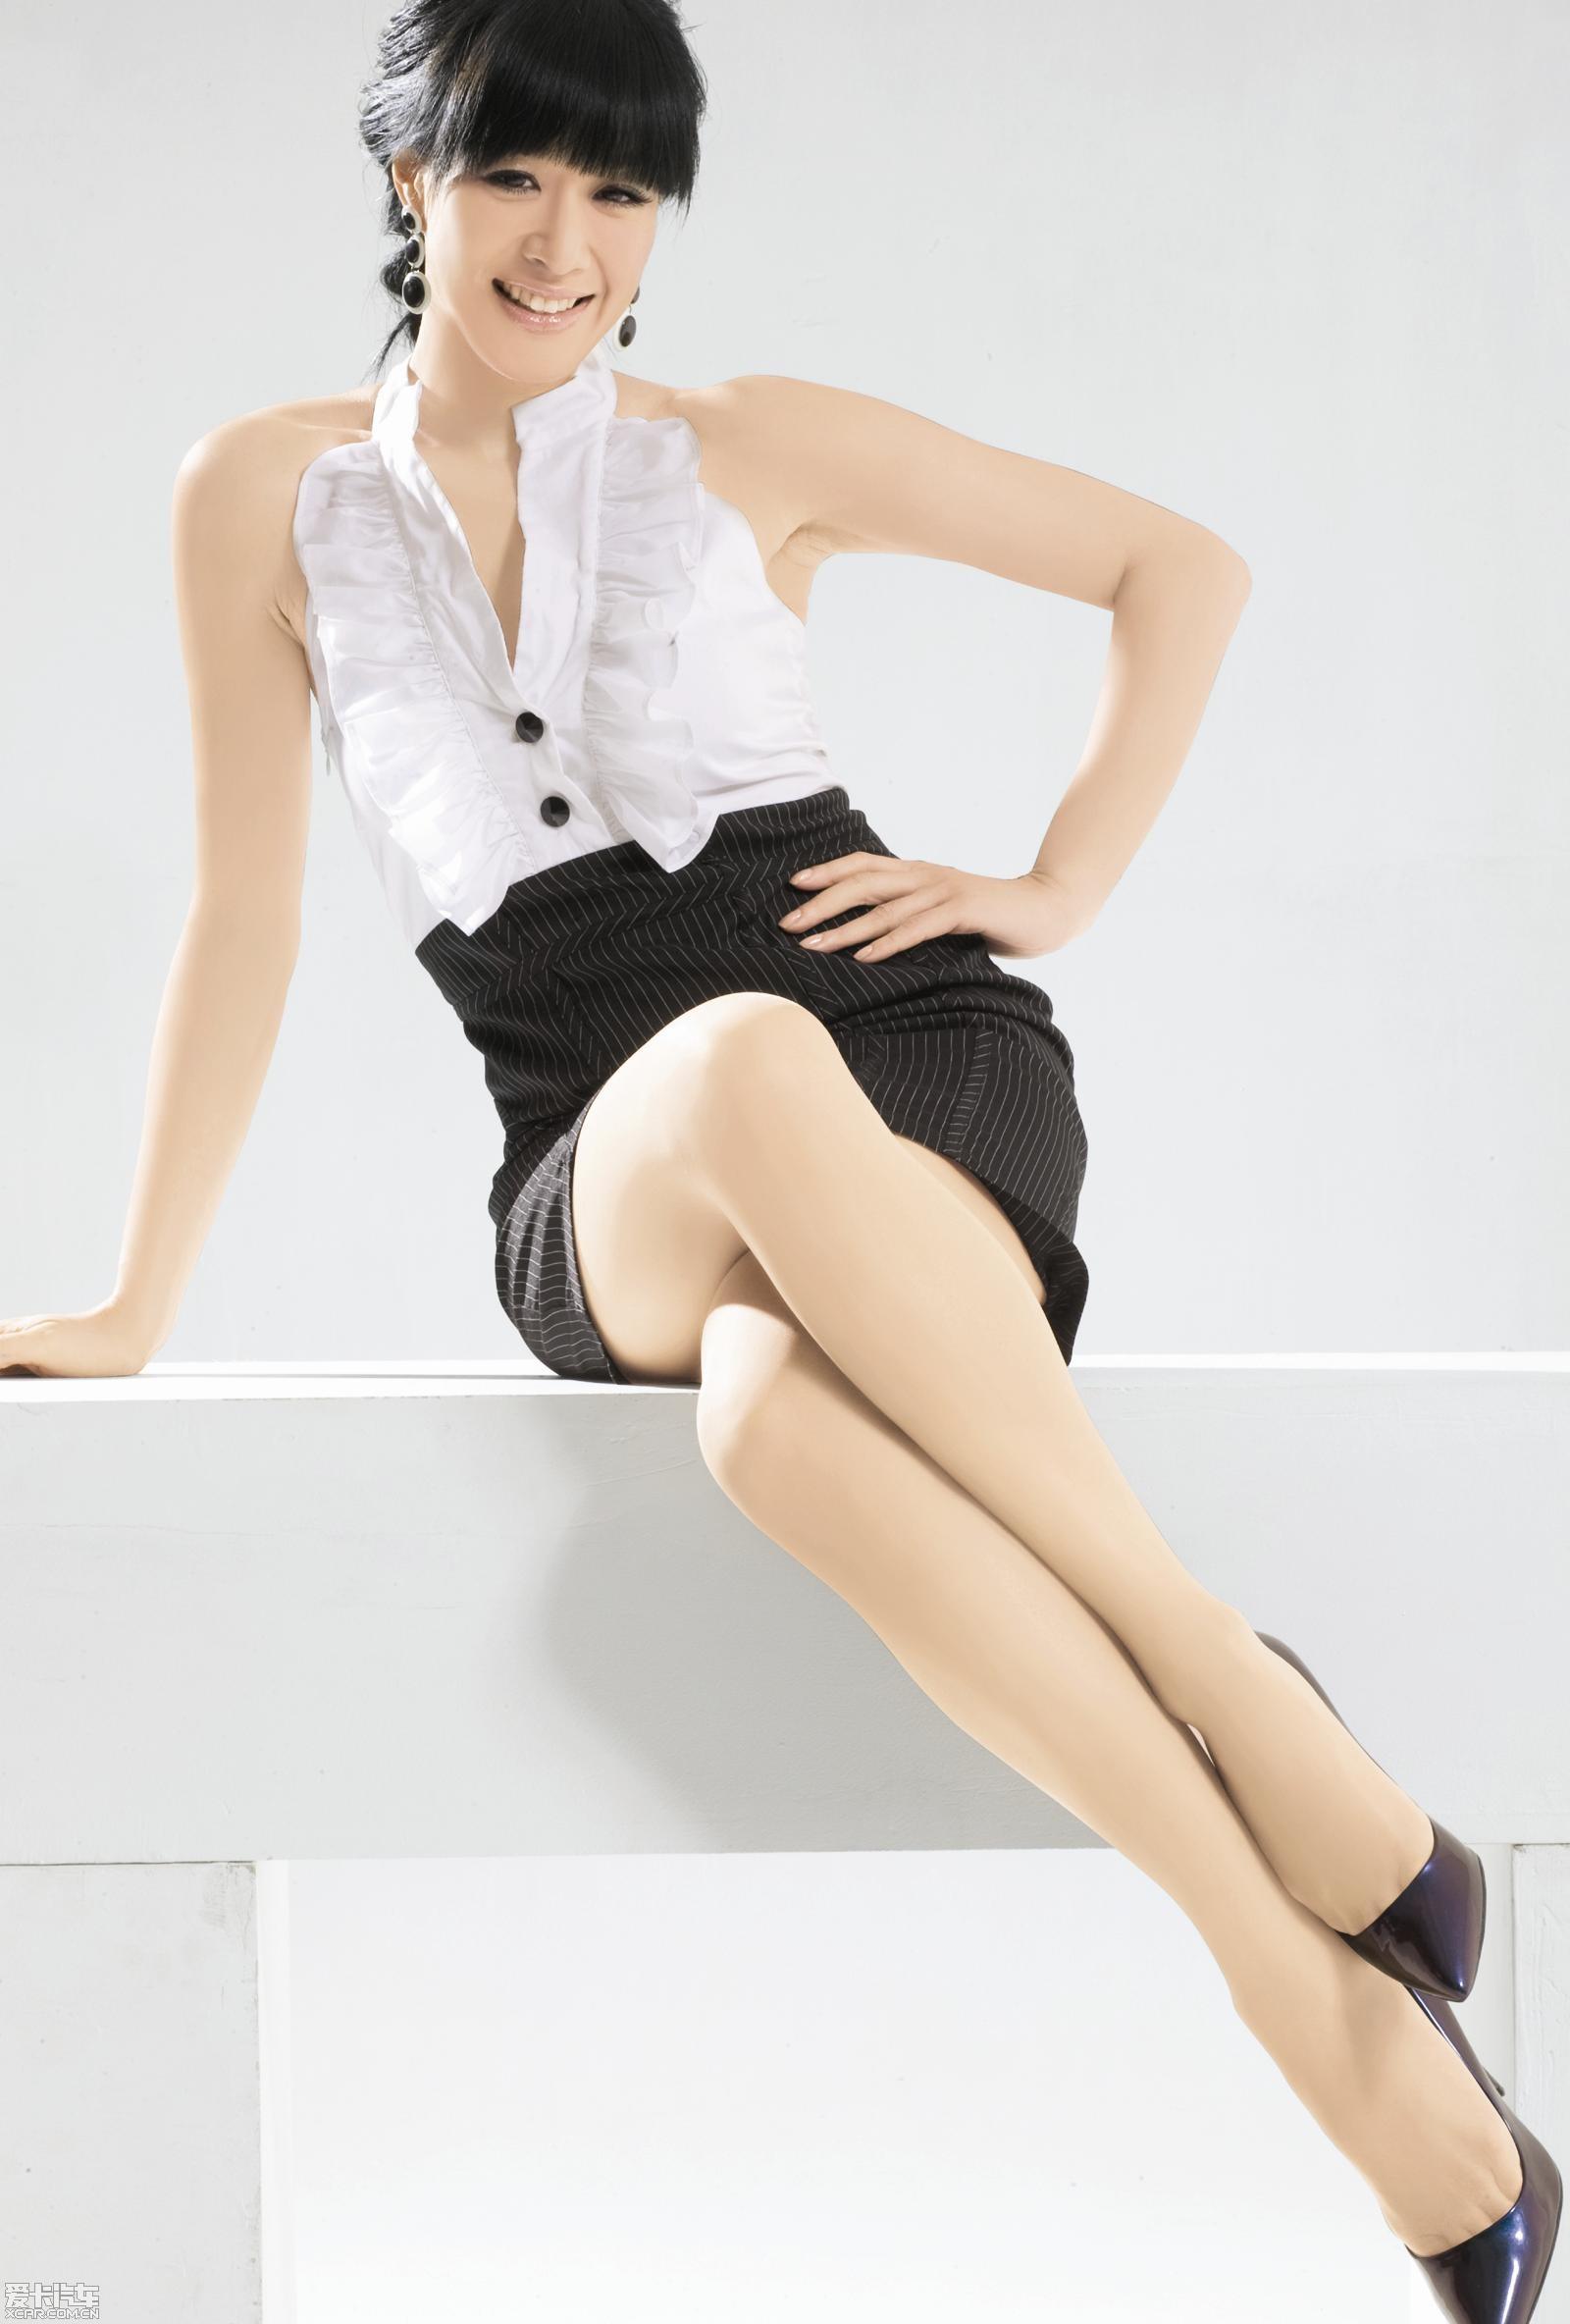 美女做爱13p图_【※※ 魅力女人 钟丽缇 ※※】【13p】